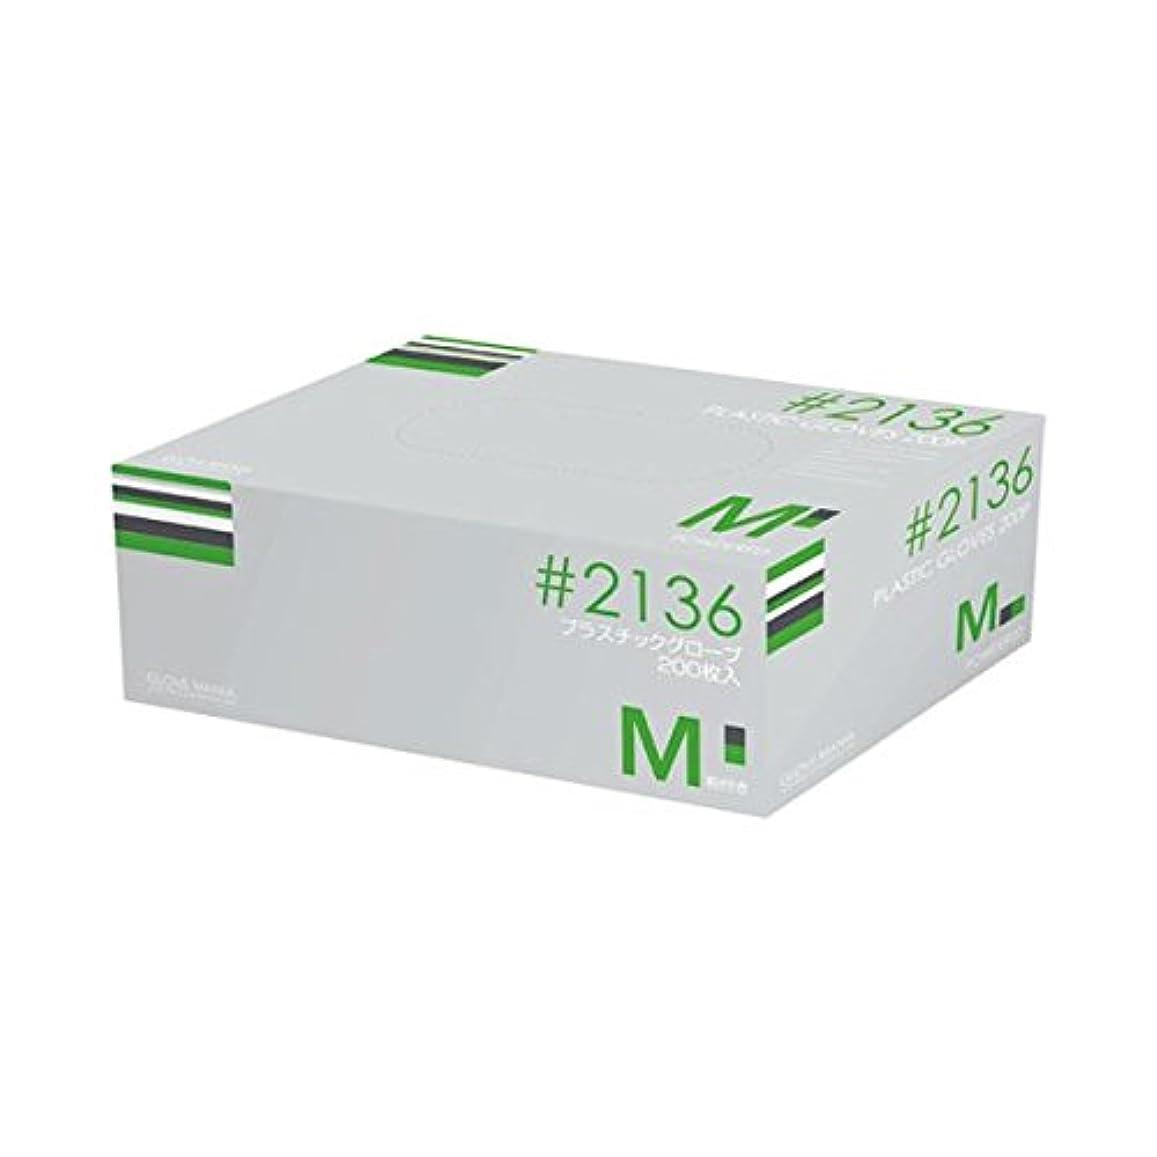 ゲートウェイ泣くホース川西工業 プラスティックグローブ #2136 M 粉付 15箱 ダイエット 健康 衛生用品 その他の衛生用品 14067381 [並行輸入品]